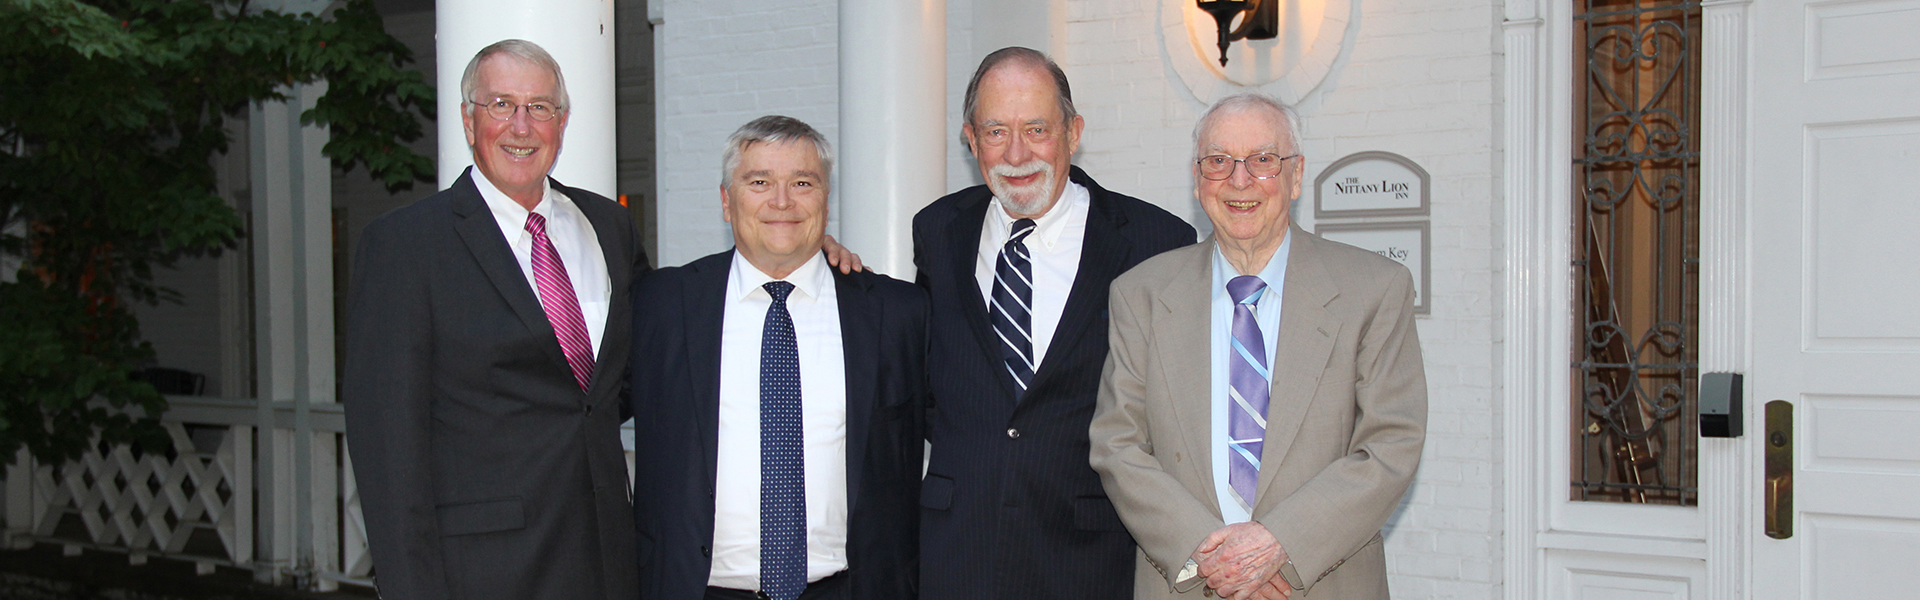 Four deans